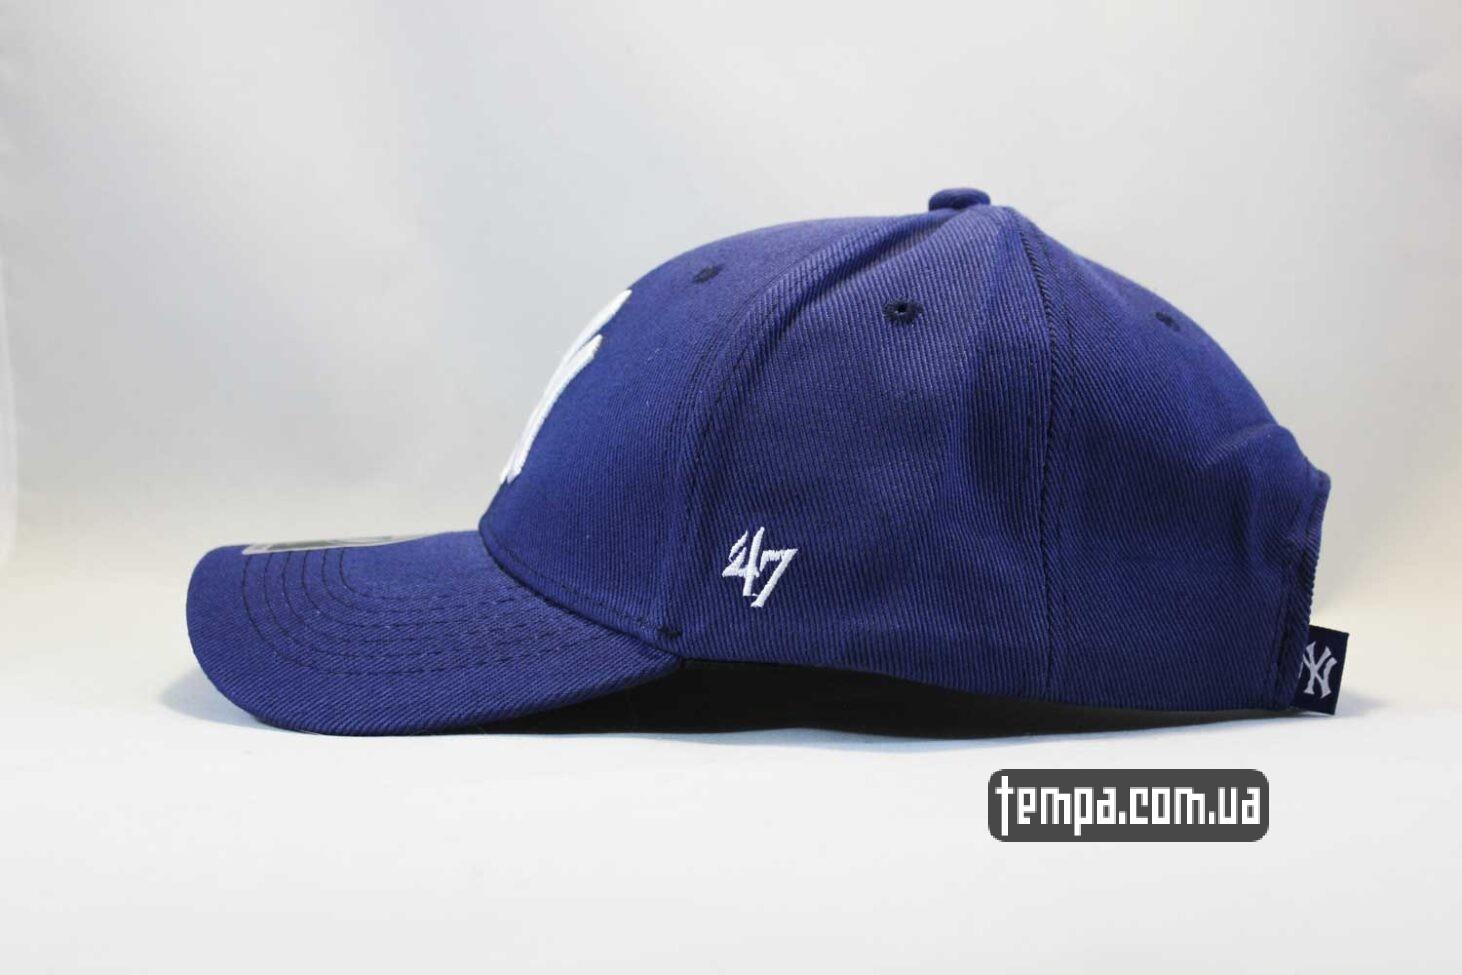 купить Украина кепка бейсболка NY New York Yankees 47 New Era синяя